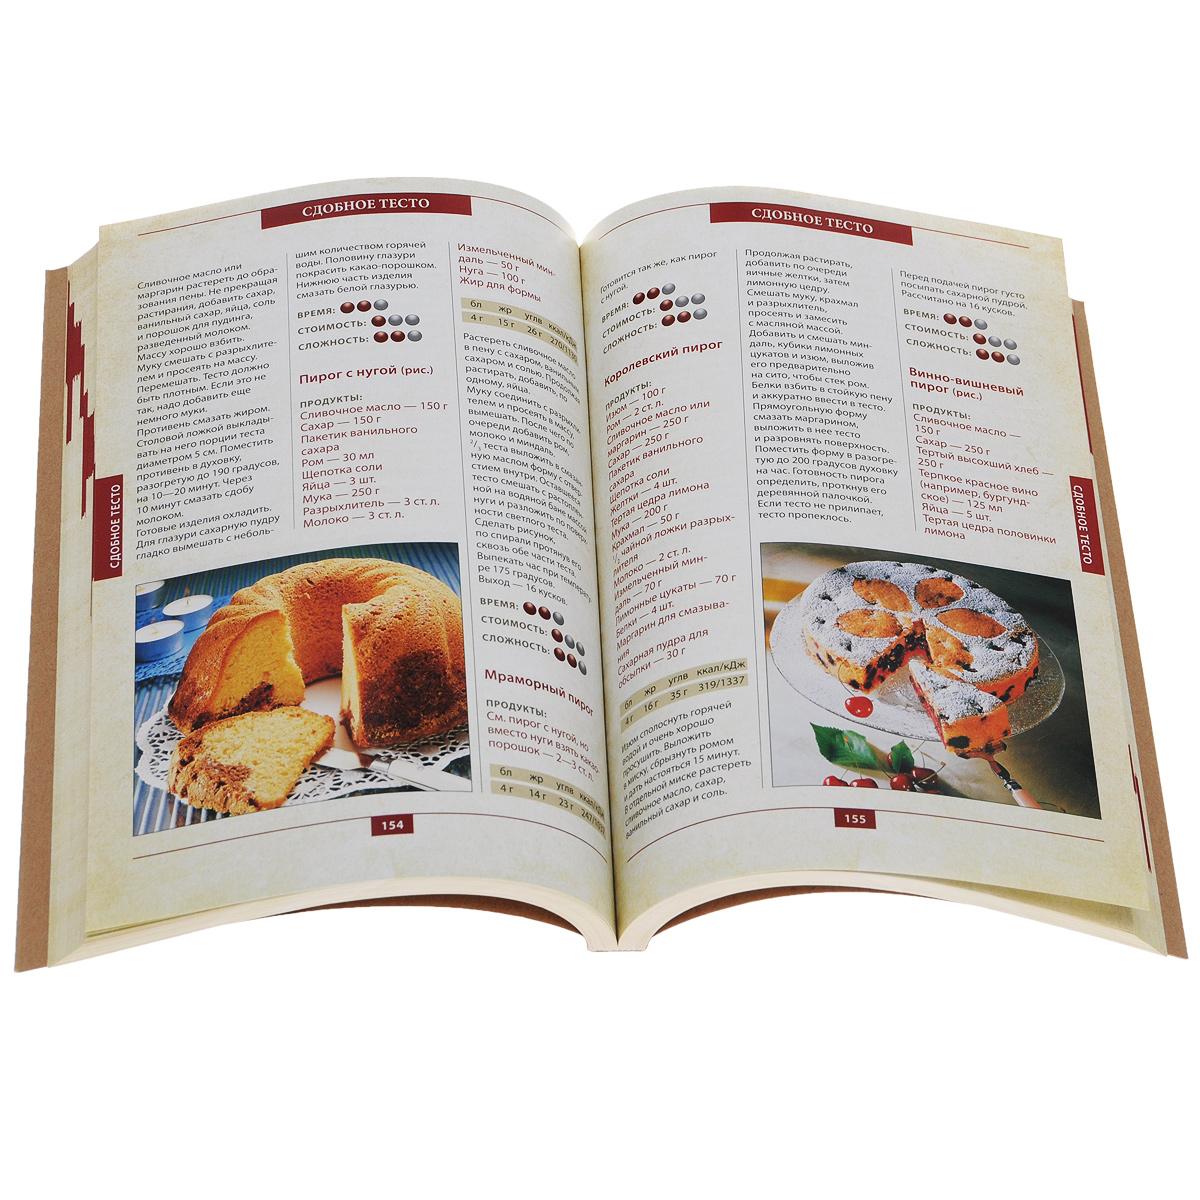 Самая холодная кулинарная книга